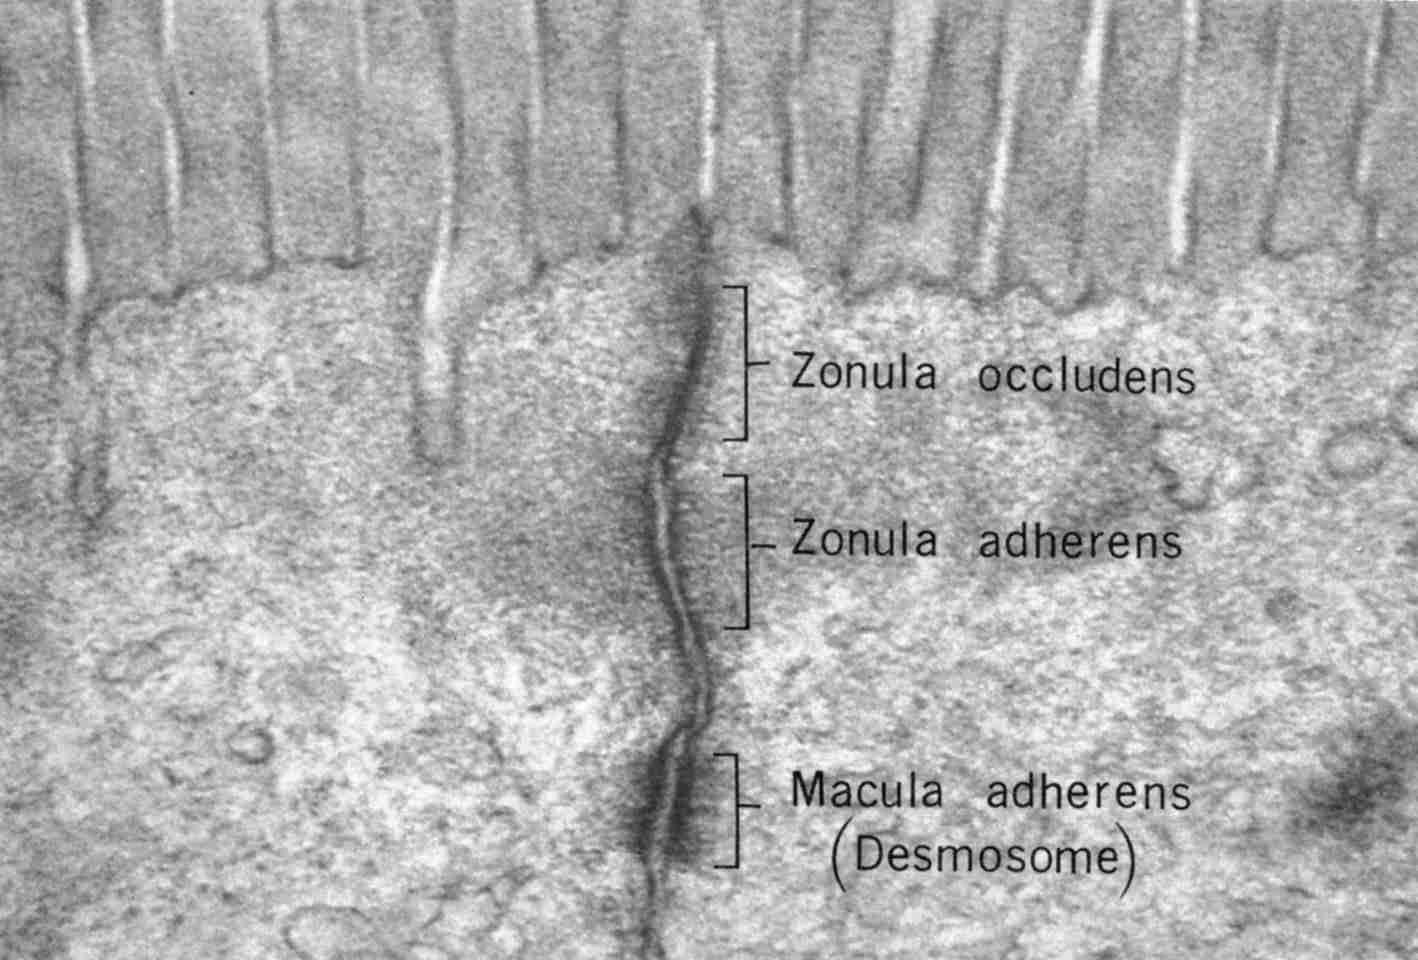 Giunzioni cellulari della membrana plasmatica